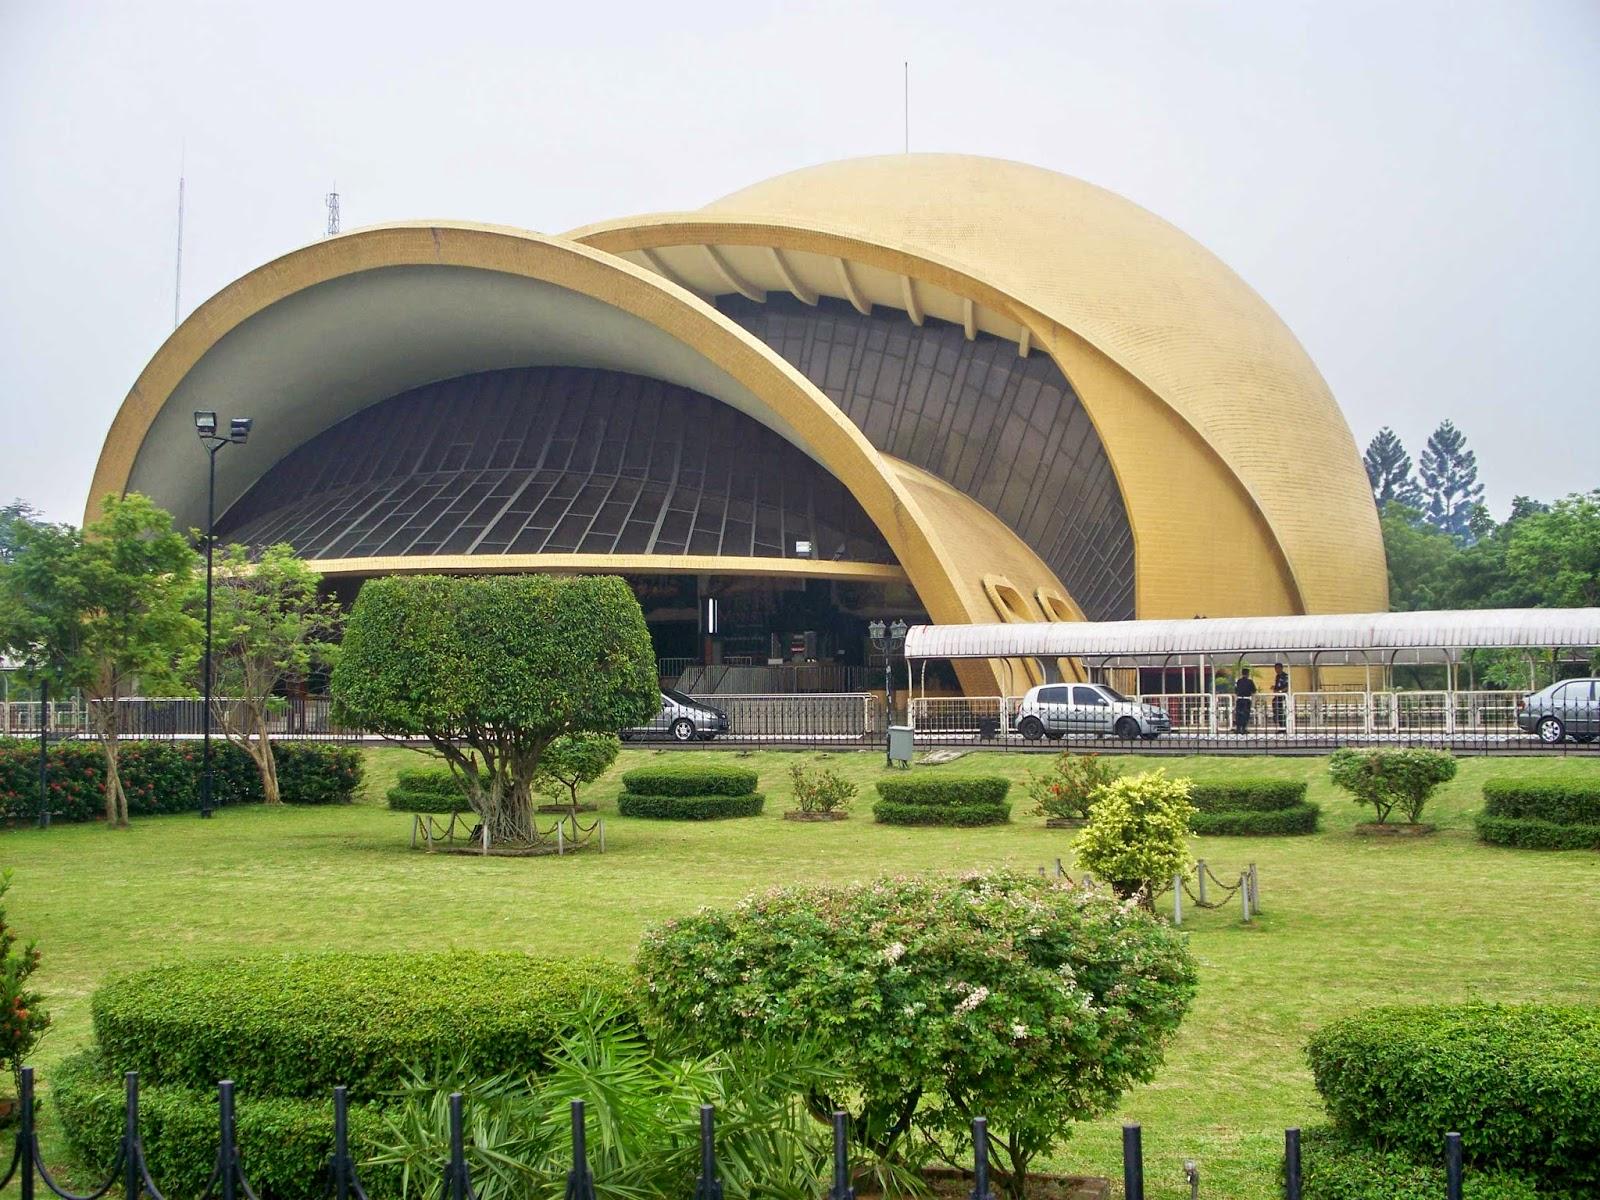 Daftar 7 Tempat Rekreasi Murah Jakarta Wajib Dikunjungi Wisata Tmii